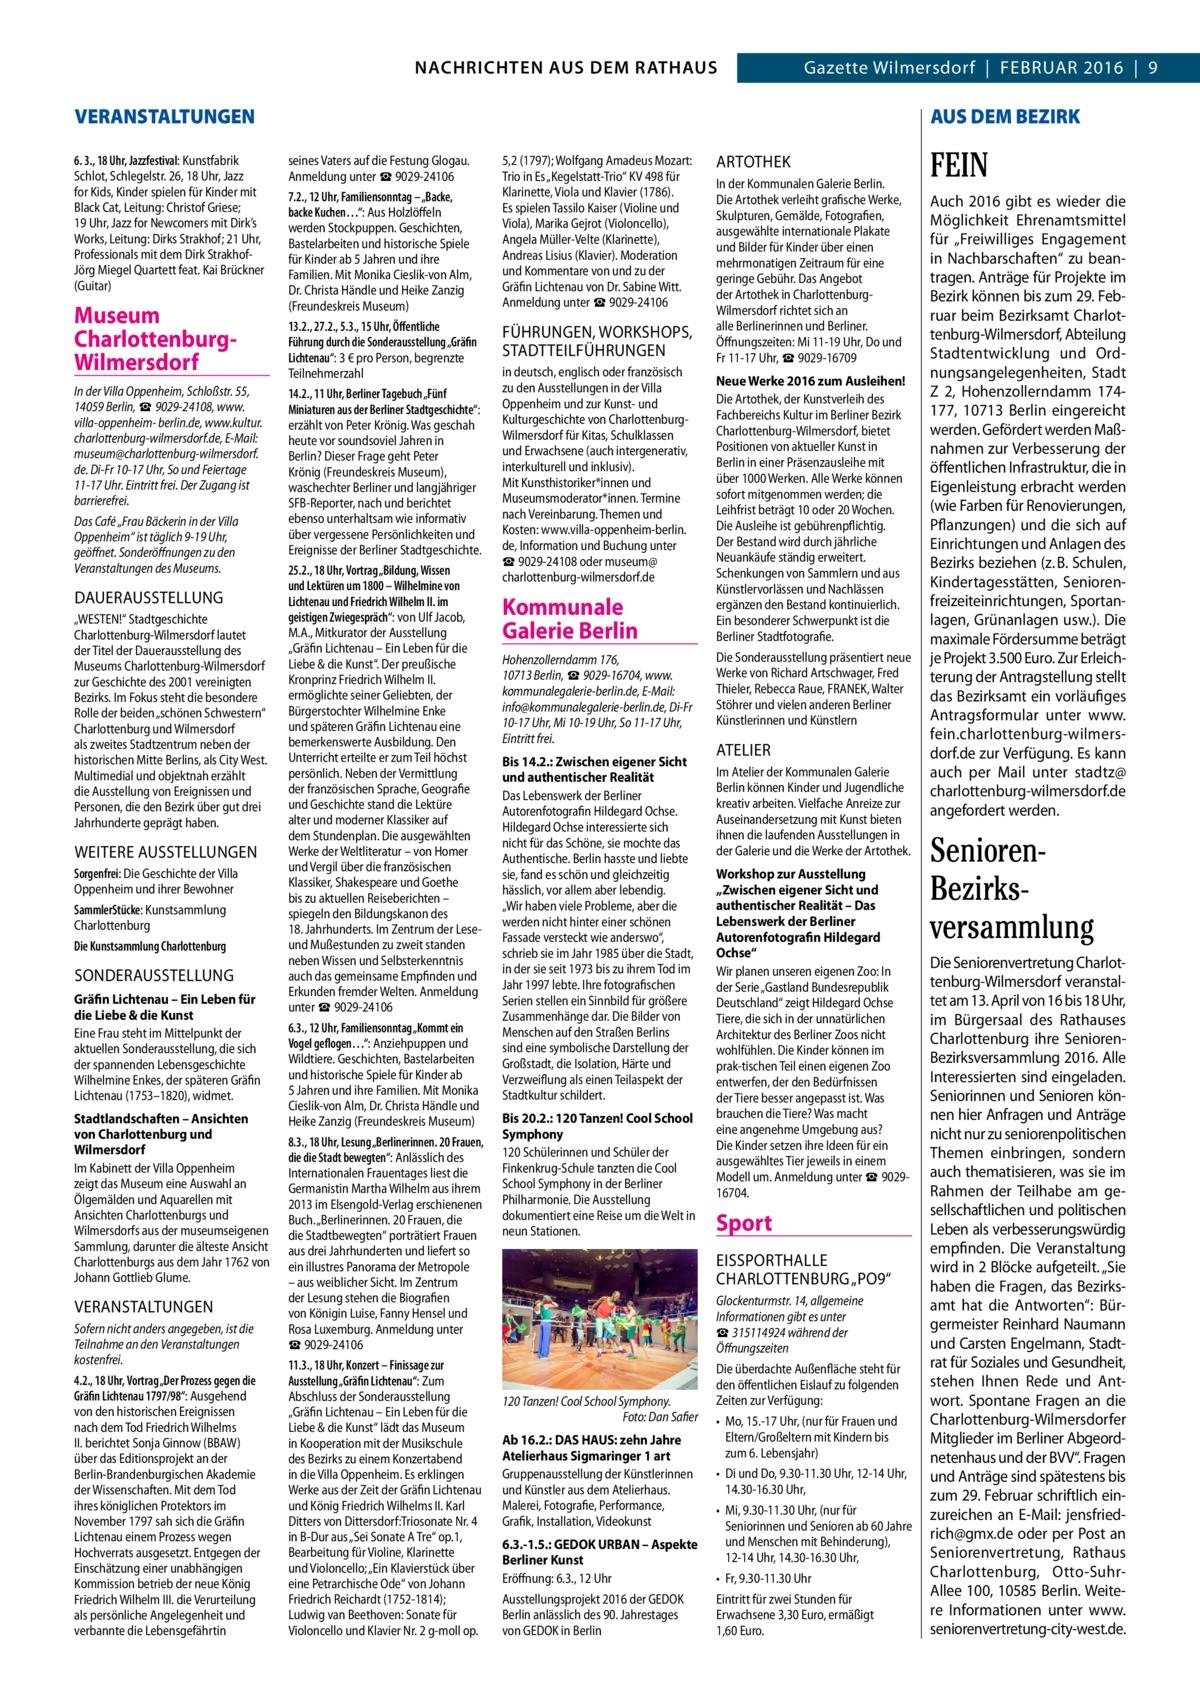 """GAZETTE Wilmersdorf 2/16  NACHRICHTEN AUS RATHAUS 3 NACHRICHTEN AUS DEM DEM RATHAUS Gazette Wilmersdorf Februar 2016 9  VERANSTALTUNGEN 6. 3., 18Uhr, Jazzfestival: Kunstfabrik Schlot, Schlegelstr.26, 18Uhr, Jazz for Kids, Kinder spielen für Kinder mit Black Cat, Leitung: Christof Griese; 19Uhr, Jazz for Newcomers mit Dirk's Works, Leitung: Dirks Strakhof; 21Uhr, Professionals mit dem Dirk StrakhofJörg Miegel Quartett feat. Kai Brückner (Guitar)  Museum CharlottenburgWilmersdorf In der Villa Oppenheim, Schloßstr.55, 14059Berlin, ☎9029-24108, www. villa-oppenheim- berlin.de, www.kultur. charlottenburg-wilmersdorf.de, E-Mail: museum@charlottenburg-wilmersdorf. de. Di-Fr 10-17Uhr, So und Feiertage 11-17Uhr. Eintritt frei. Der Zugang ist barrierefrei. Das Café """"Frau Bäckerin in der Villa Oppenheim"""" ist täglich 9-19Uhr, geöffnet. Sonderöffnungen zu den Veranstaltungen des Museums.  DAuerAuSSTeLLuNG """"WESTEN!"""" Stadtgeschichte Charlottenburg-Wilmersdorf lautet der Titel der Dauerausstellung des Museums Charlottenburg-Wilmersdorf zur Geschichte des 2001 vereinigten Bezirks. Im Fokus steht die besondere Rolle der beiden """"schönen Schwestern"""" Charlottenburg und Wilmersdorf als zweites Stadtzentrum neben der historischen Mitte Berlins, als City West. Multimedial und objektnah erzählt die Ausstellung von Ereignissen und Personen, die den Bezirk über gut drei Jahrhunderte geprägt haben.  WeITere AuSSTeLLuNGeN Sorgenfrei: Die Geschichte der Villa Oppenheim und ihrer Bewohner SammlerStücke: Kunstsammlung Charlottenburg Die Kunstsammlung Charlottenburg  SONDerAuSSTeLLuNG Gräfin Lichtenau – Ein Leben für die Liebe & die Kunst Eine Frau steht im Mittelpunkt der aktuellen Sonderausstellung, die sich der spannenden Lebensgeschichte Wilhelmine Enkes, der späteren Gräfin Lichtenau (1753–1820), widmet. Stadtlandschaften – Ansichten von Charlottenburg und Wilmersdorf Im Kabinett der Villa Oppenheim zeigt das Museum eine Auswahl an Ölgemälden und Aquarellen mit Ansichten Charlottenburgs und Wi"""